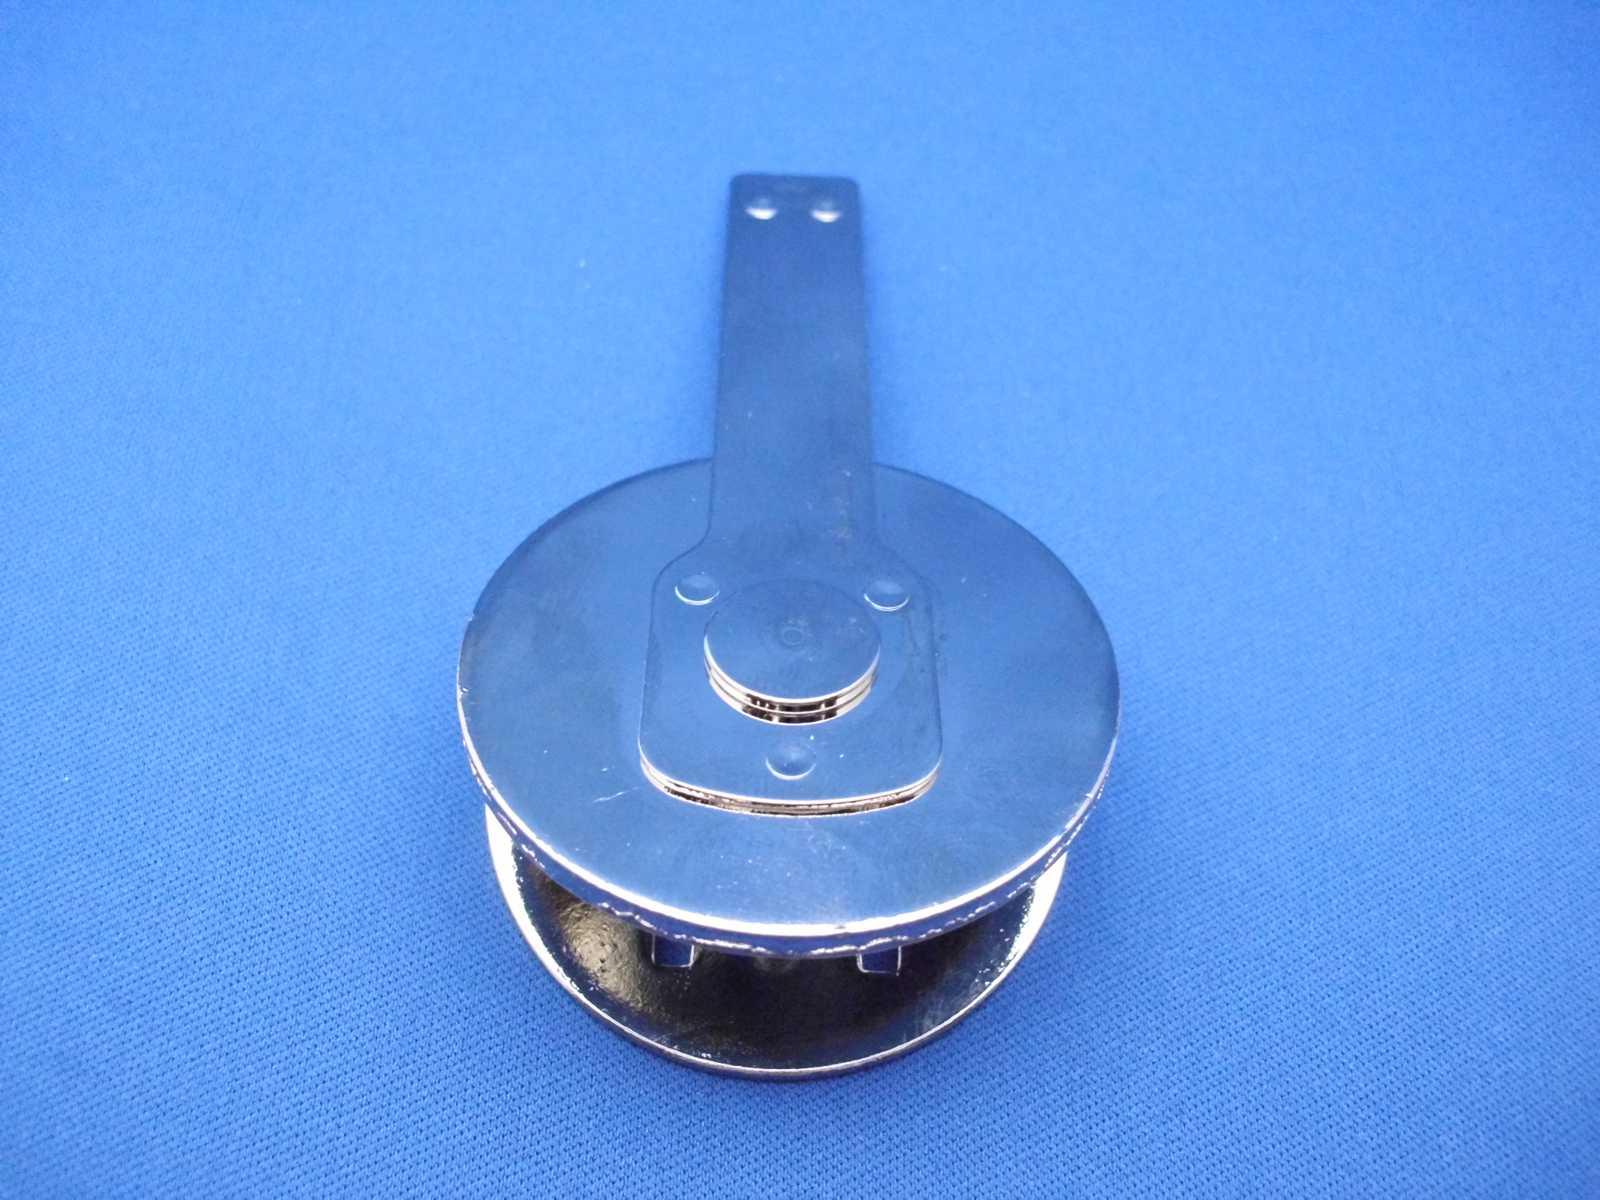 Druckplatten lasergrav Shiny® Prägeeinsatz komplett rund Durchmesser 50mm